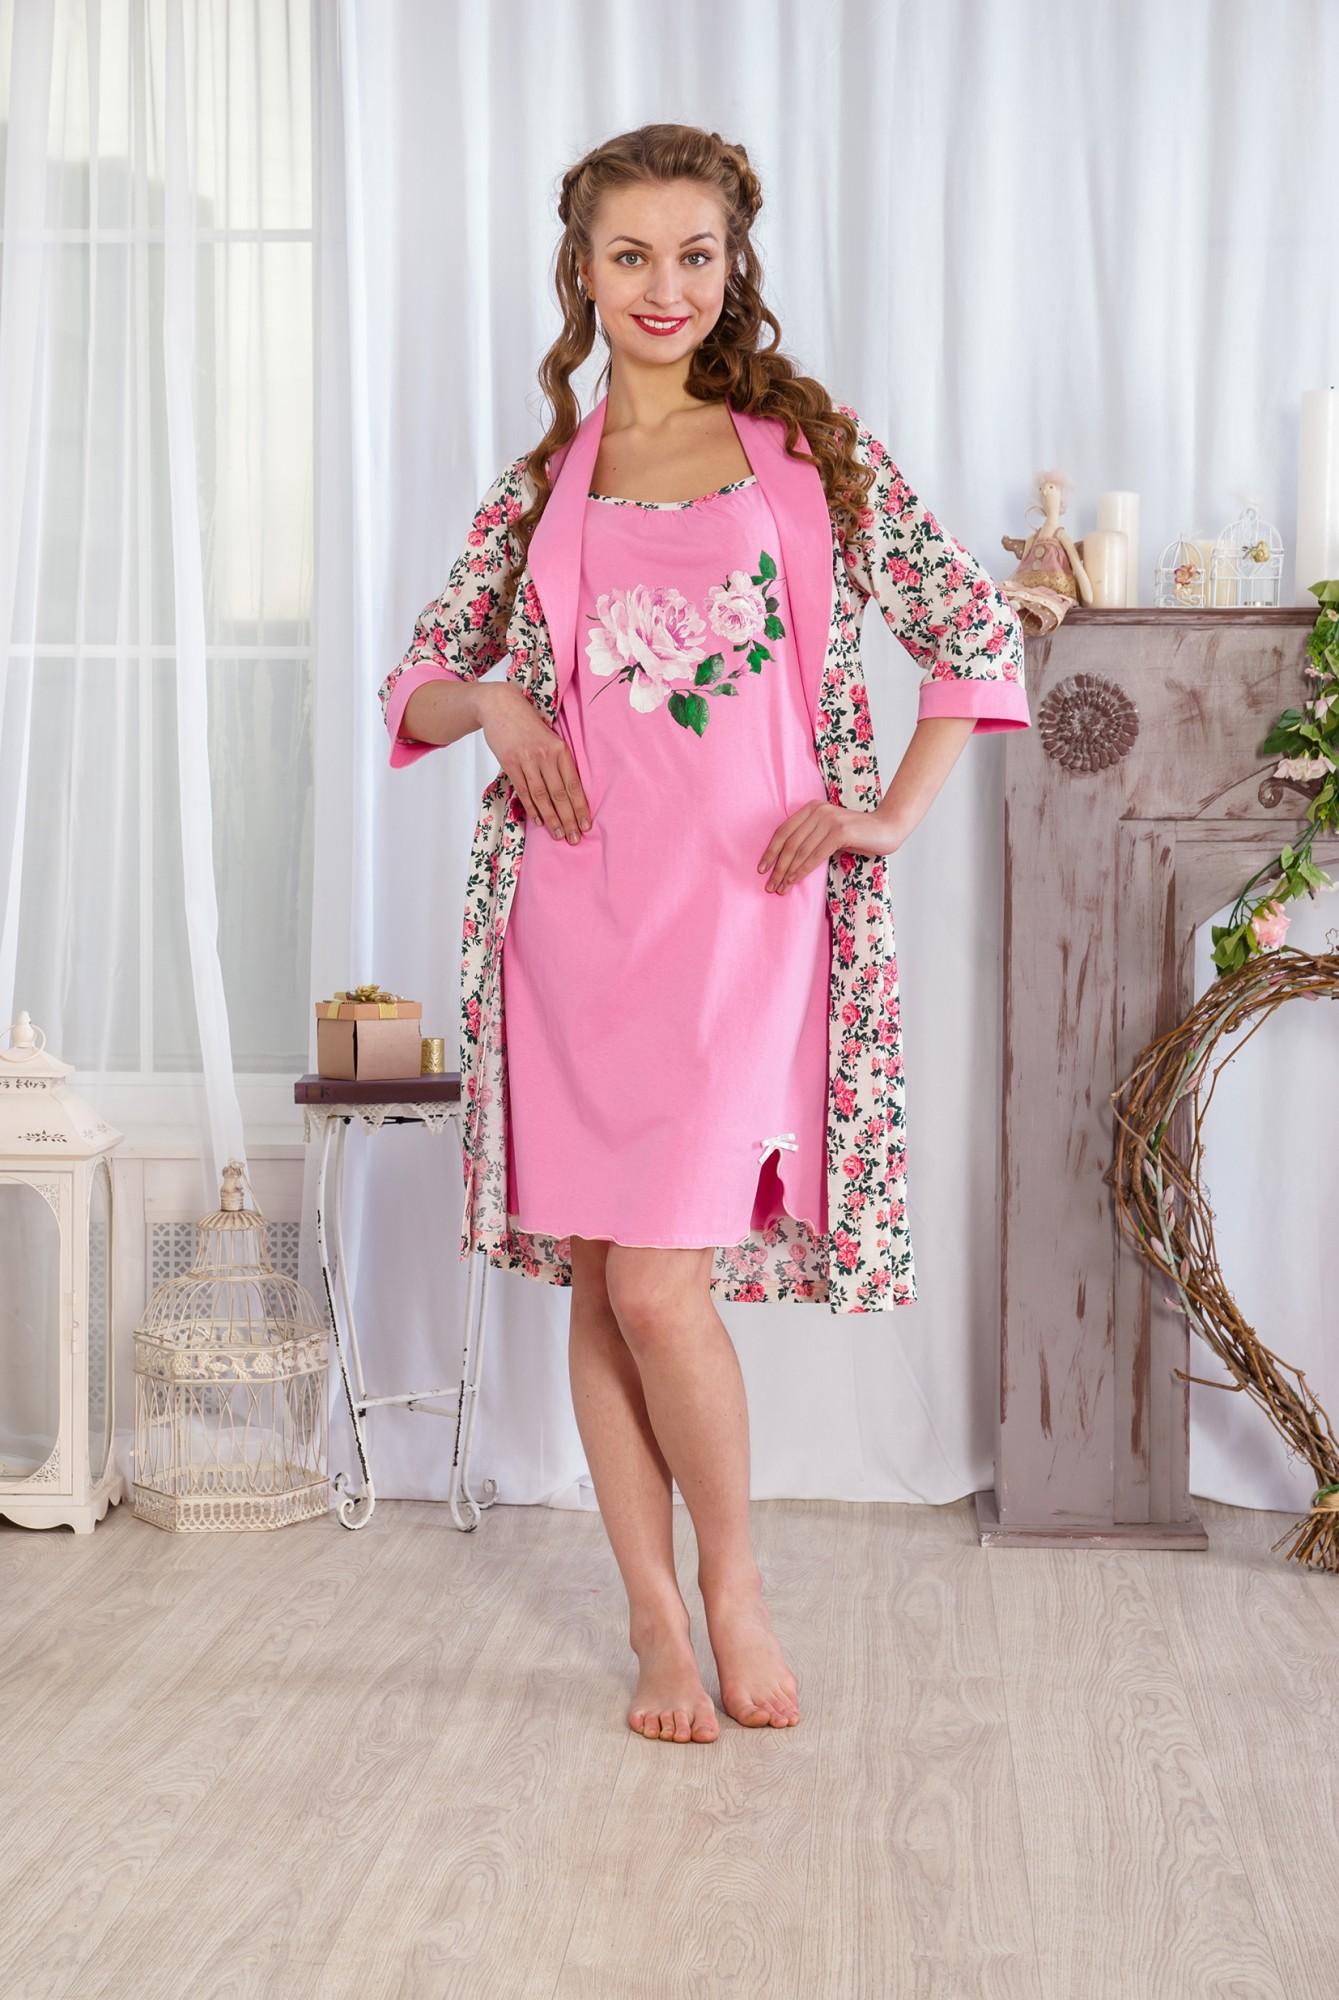 Комплект женский Цветочный сорочка и халат из хлопкаДомашние комплекты, костюмы<br><br><br>Размер: Розовый